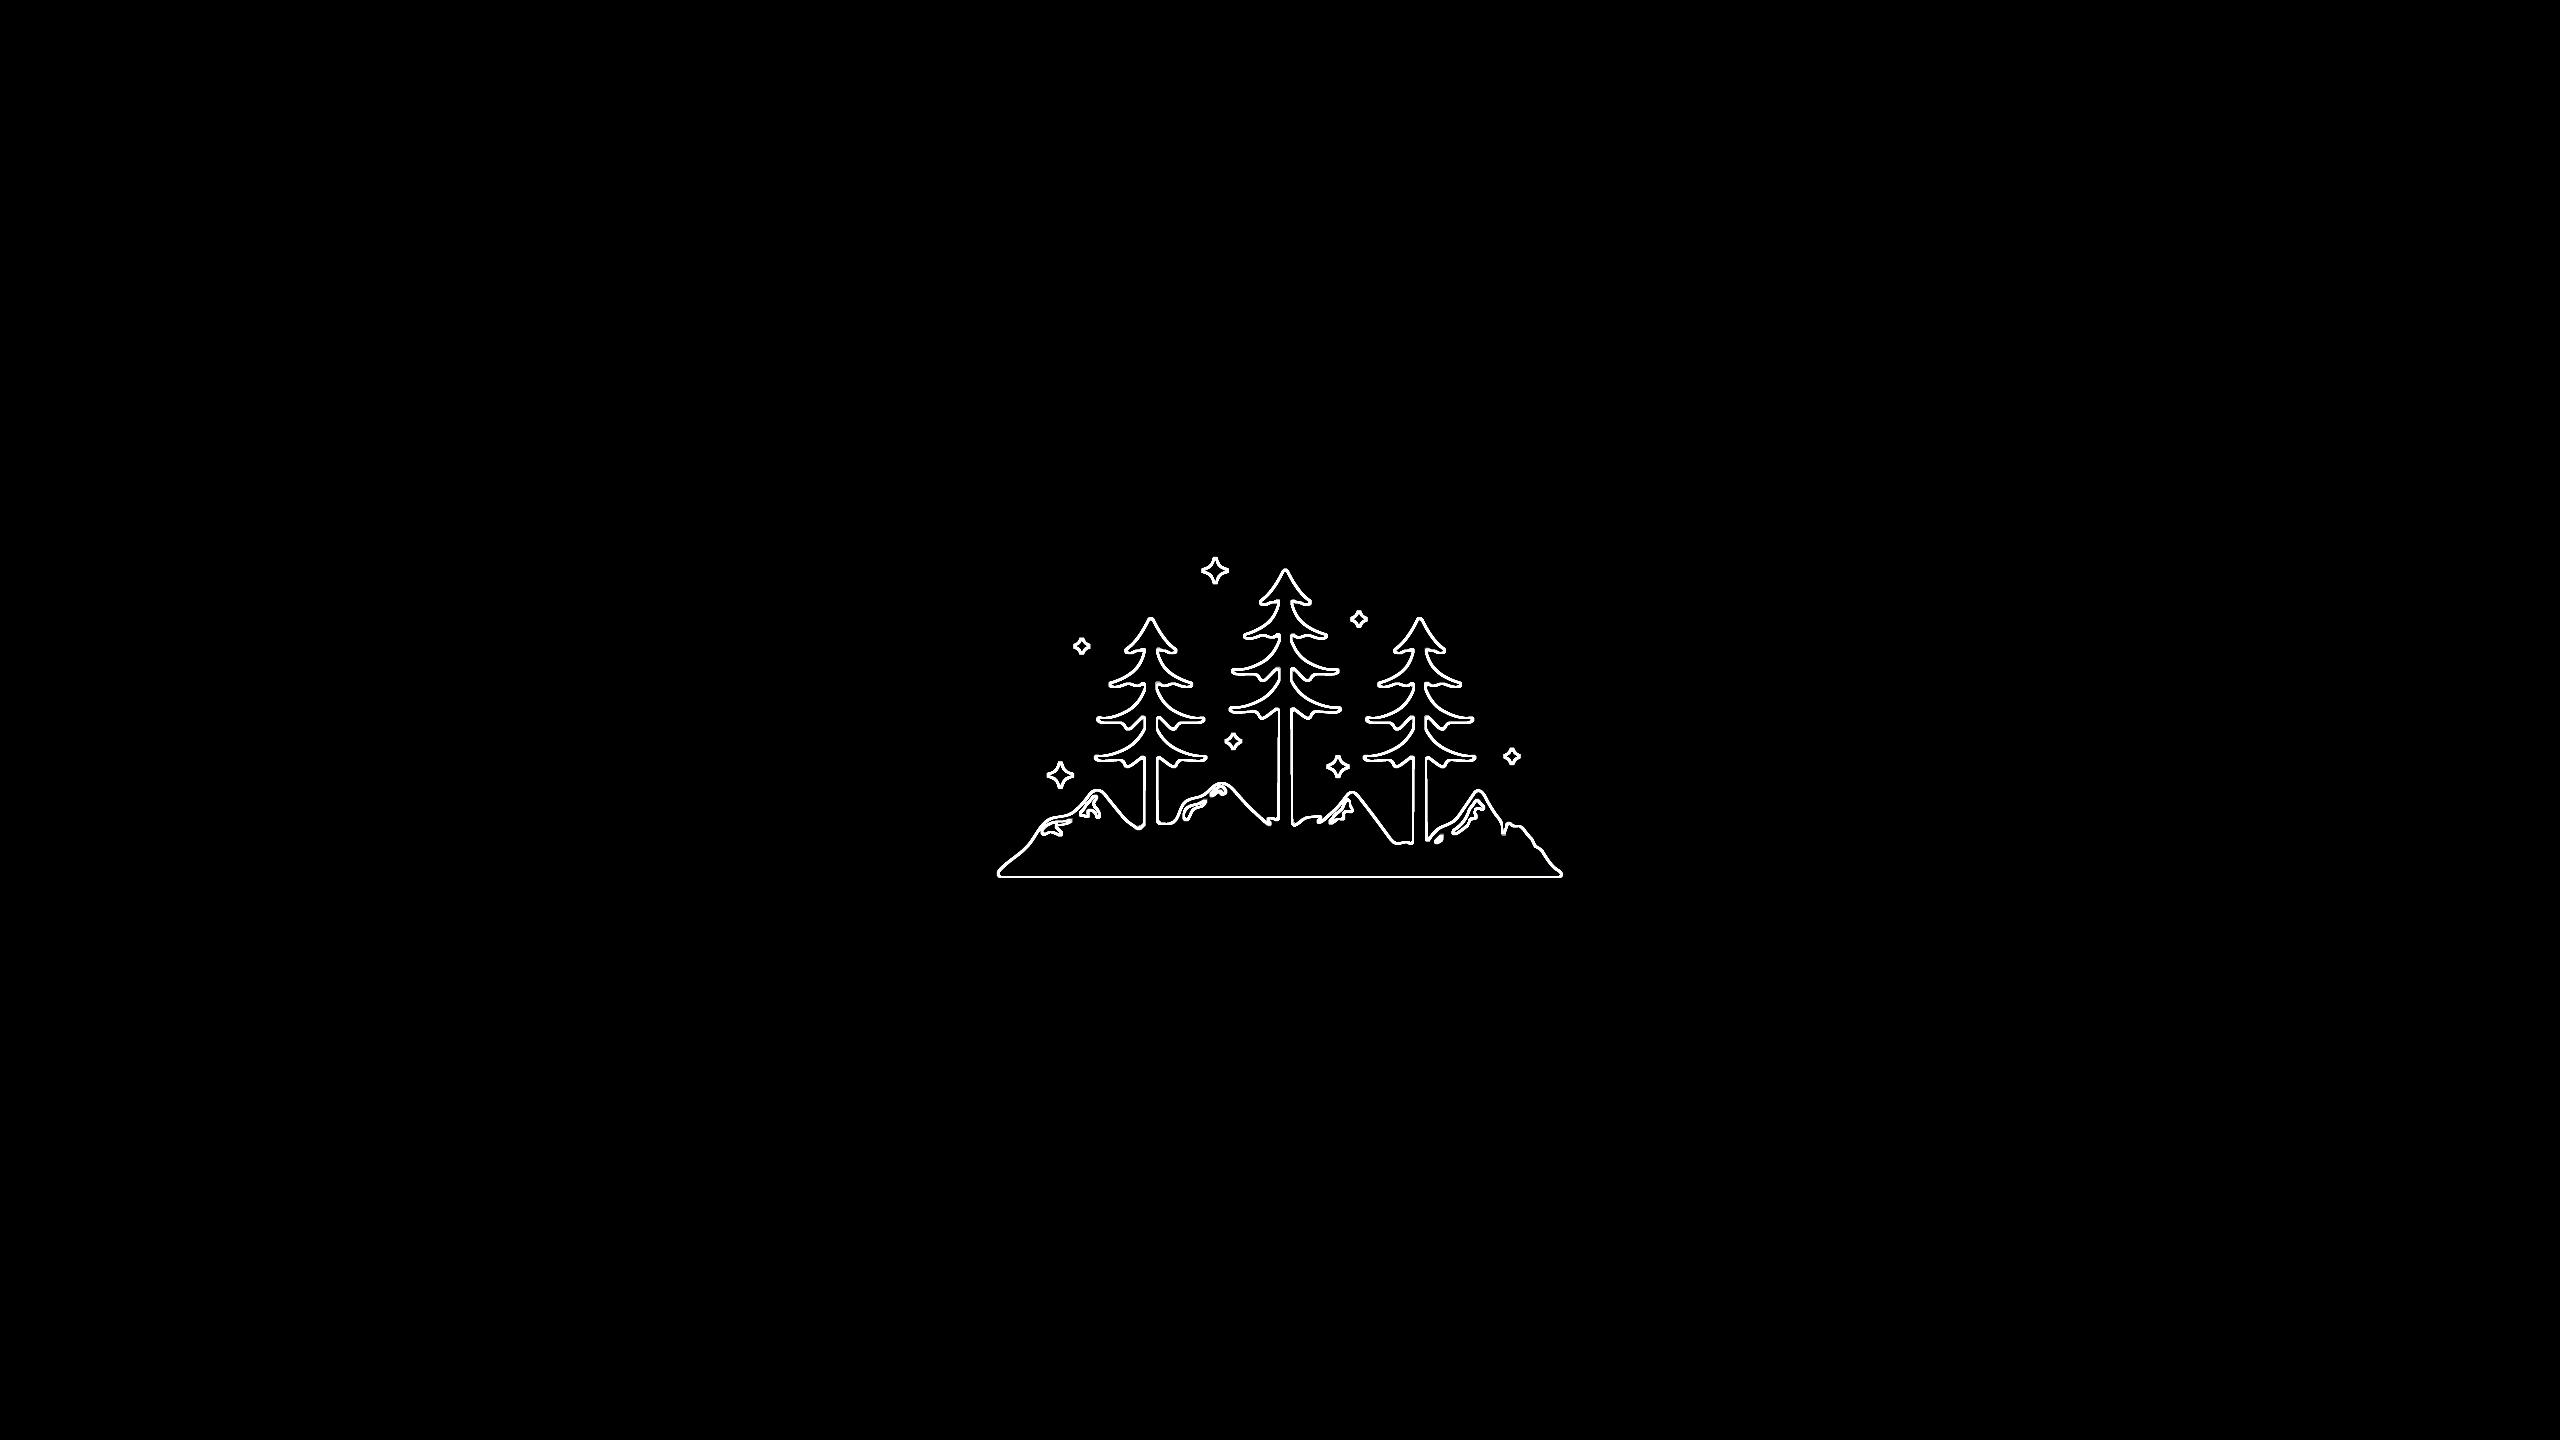 Fond Décran 2560x1440 Px Fond Noir Minimalisme Simple